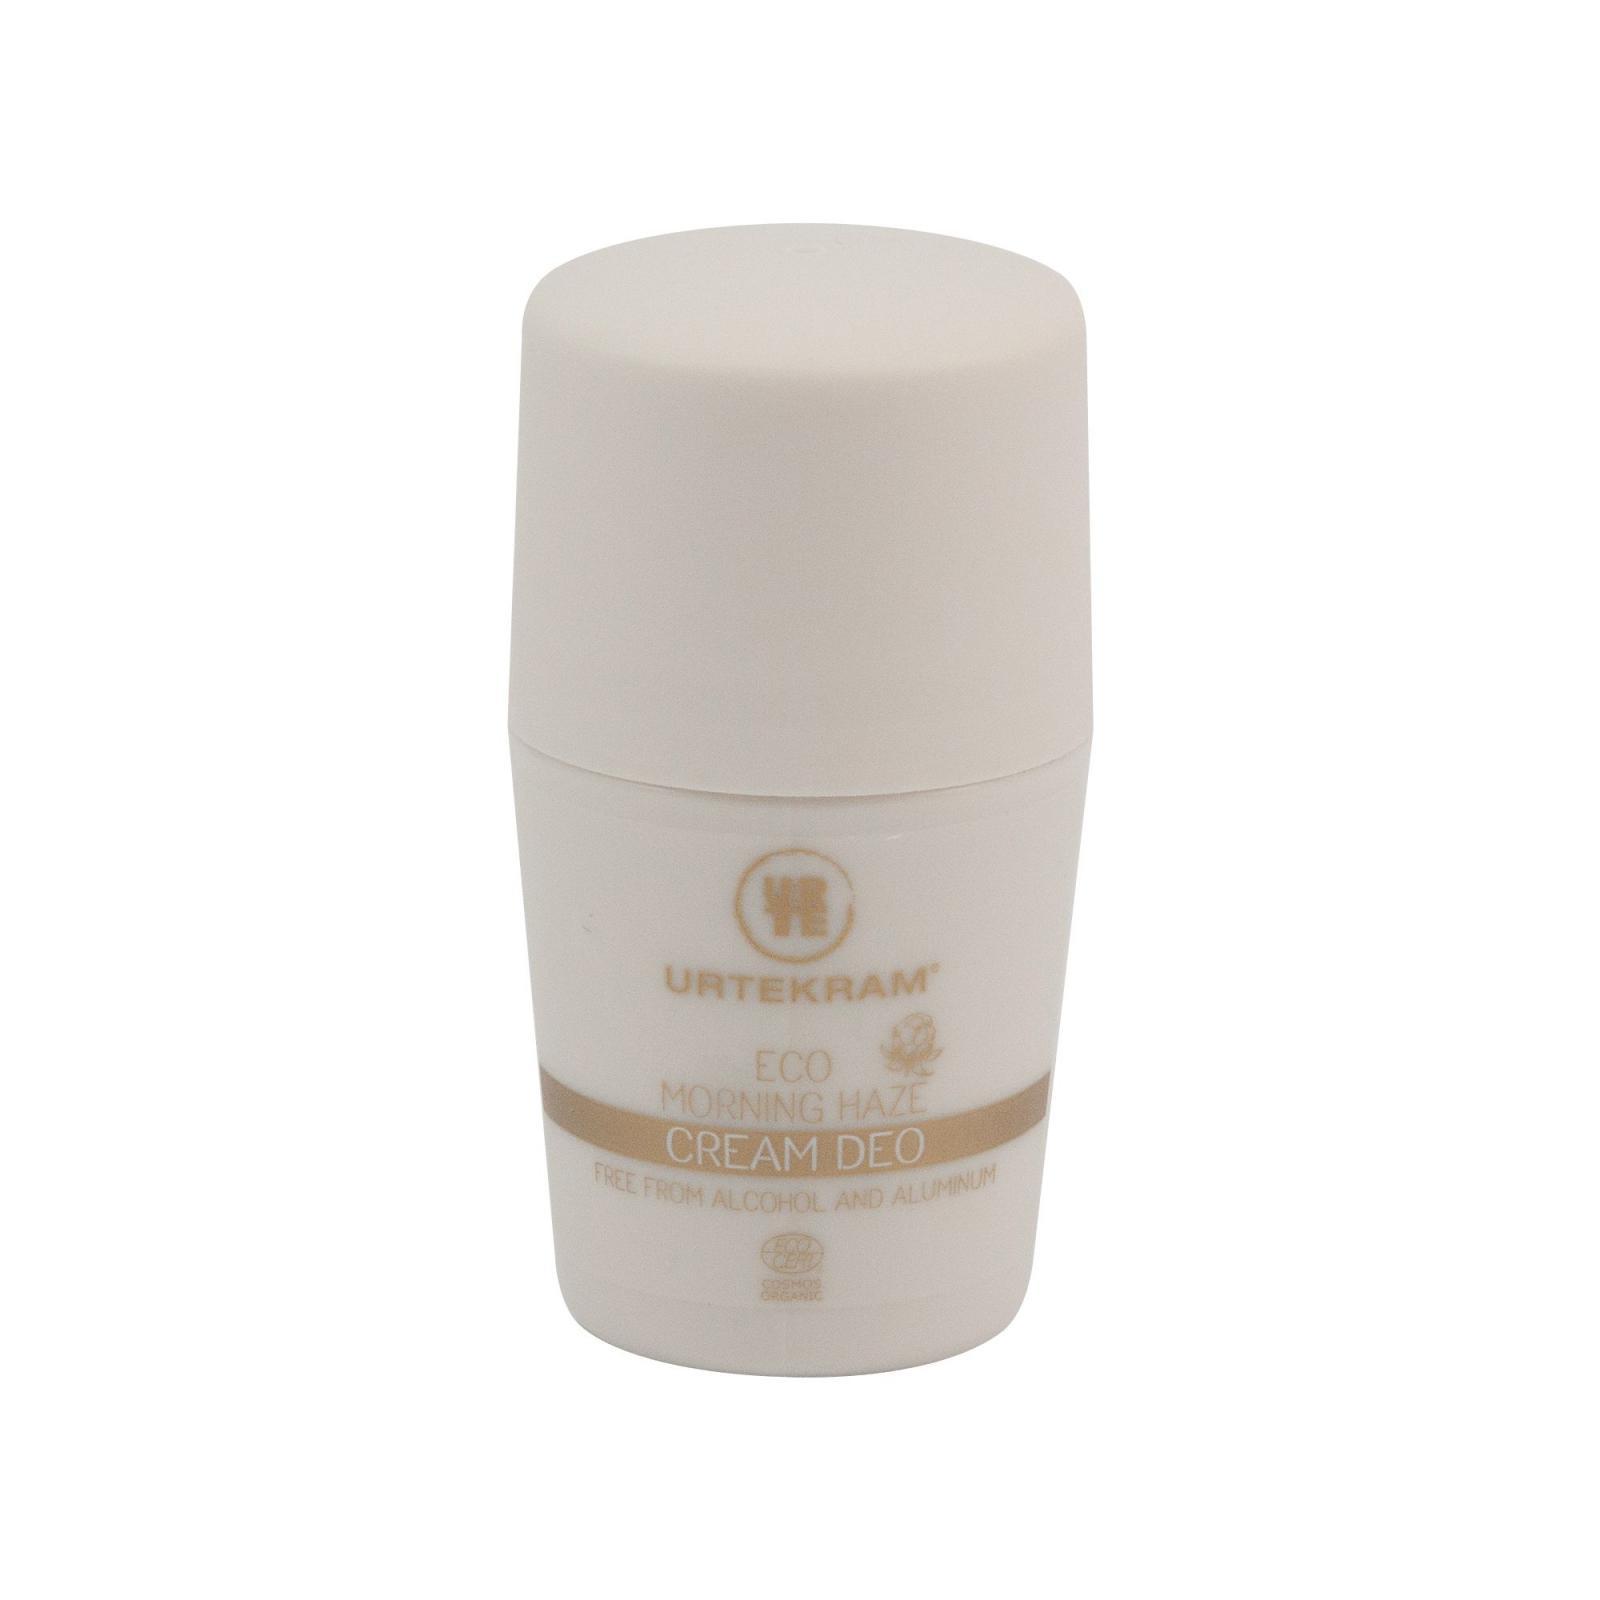 Urtekram Krémový deodorant Morning Haze 50 ml